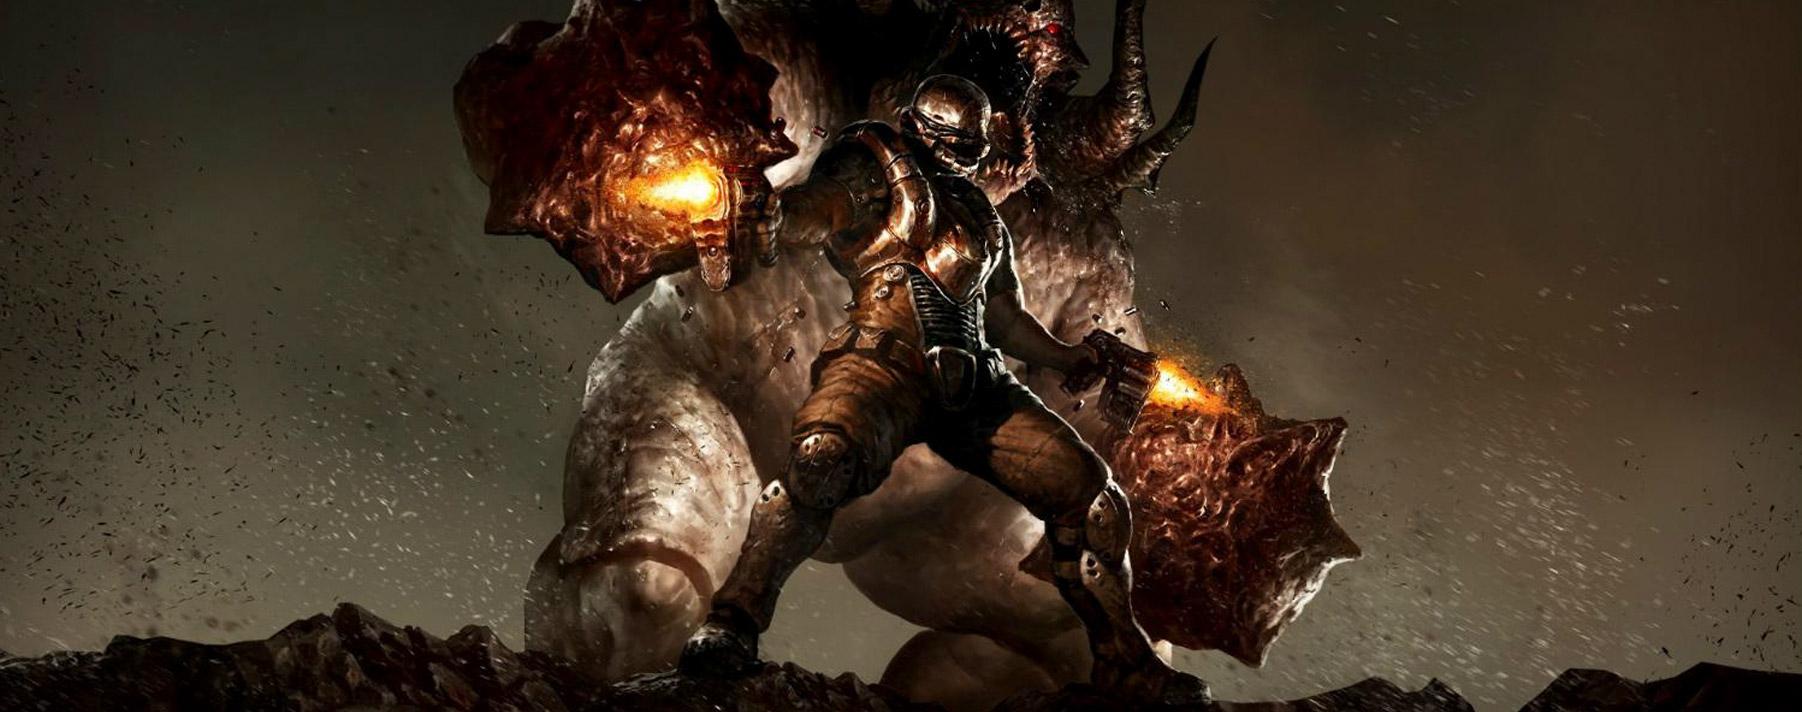 Doom 3. El juego tiene lugar en el año 2145, en el centro de investigación de la Union Aerospace Corporation (UAC) y en Marte.